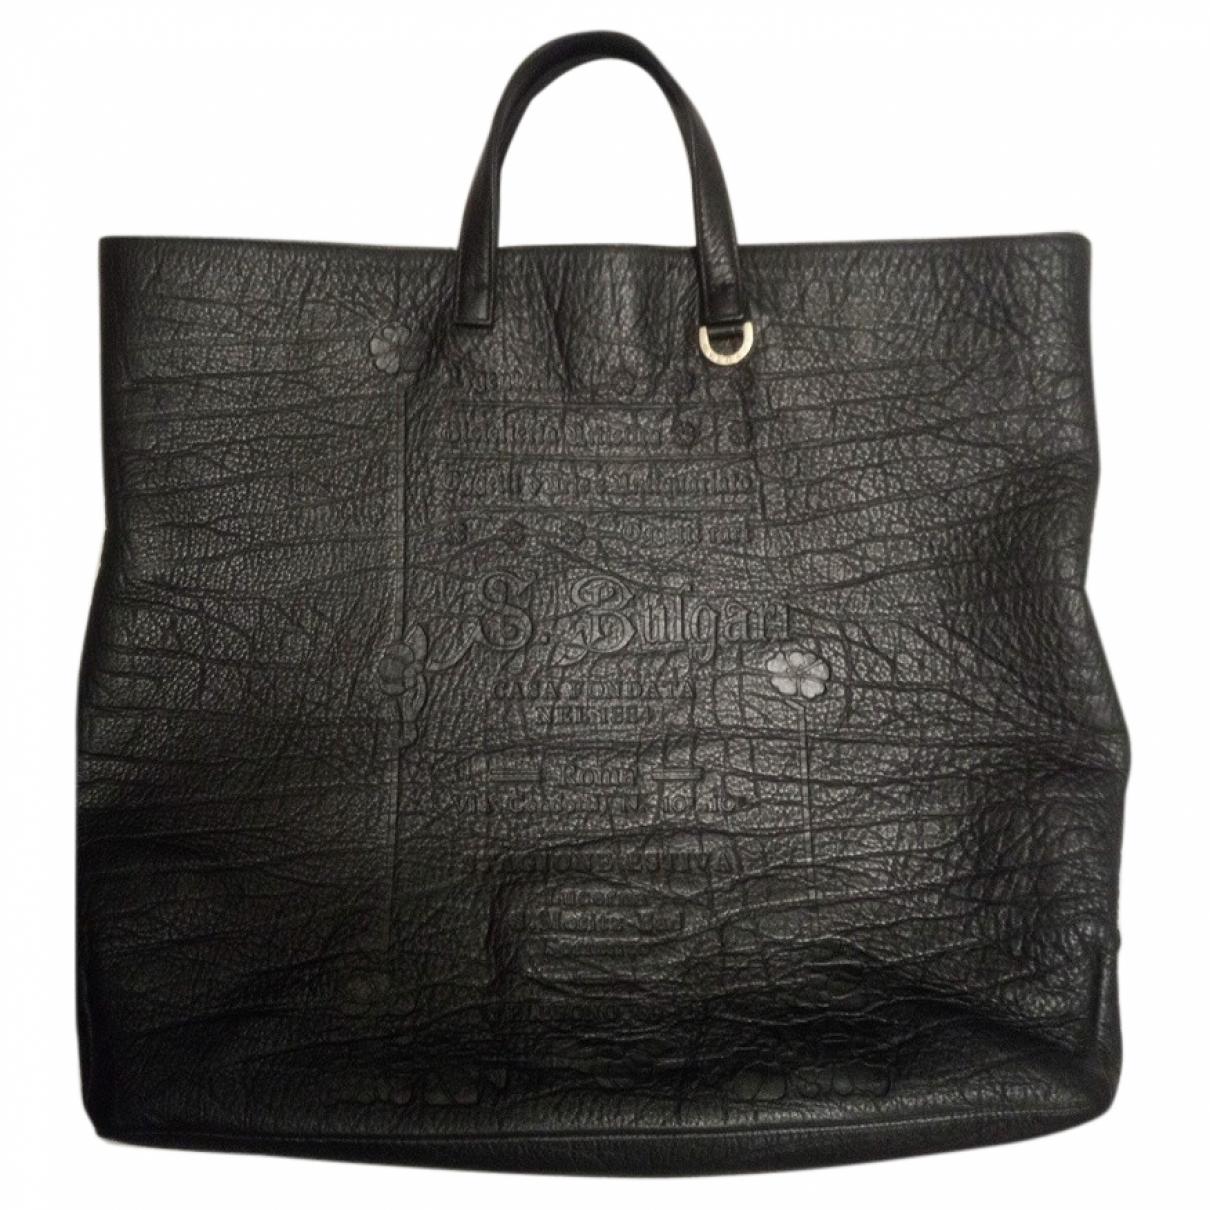 Bvlgari - Sac a main   pour femme en cuir - noir